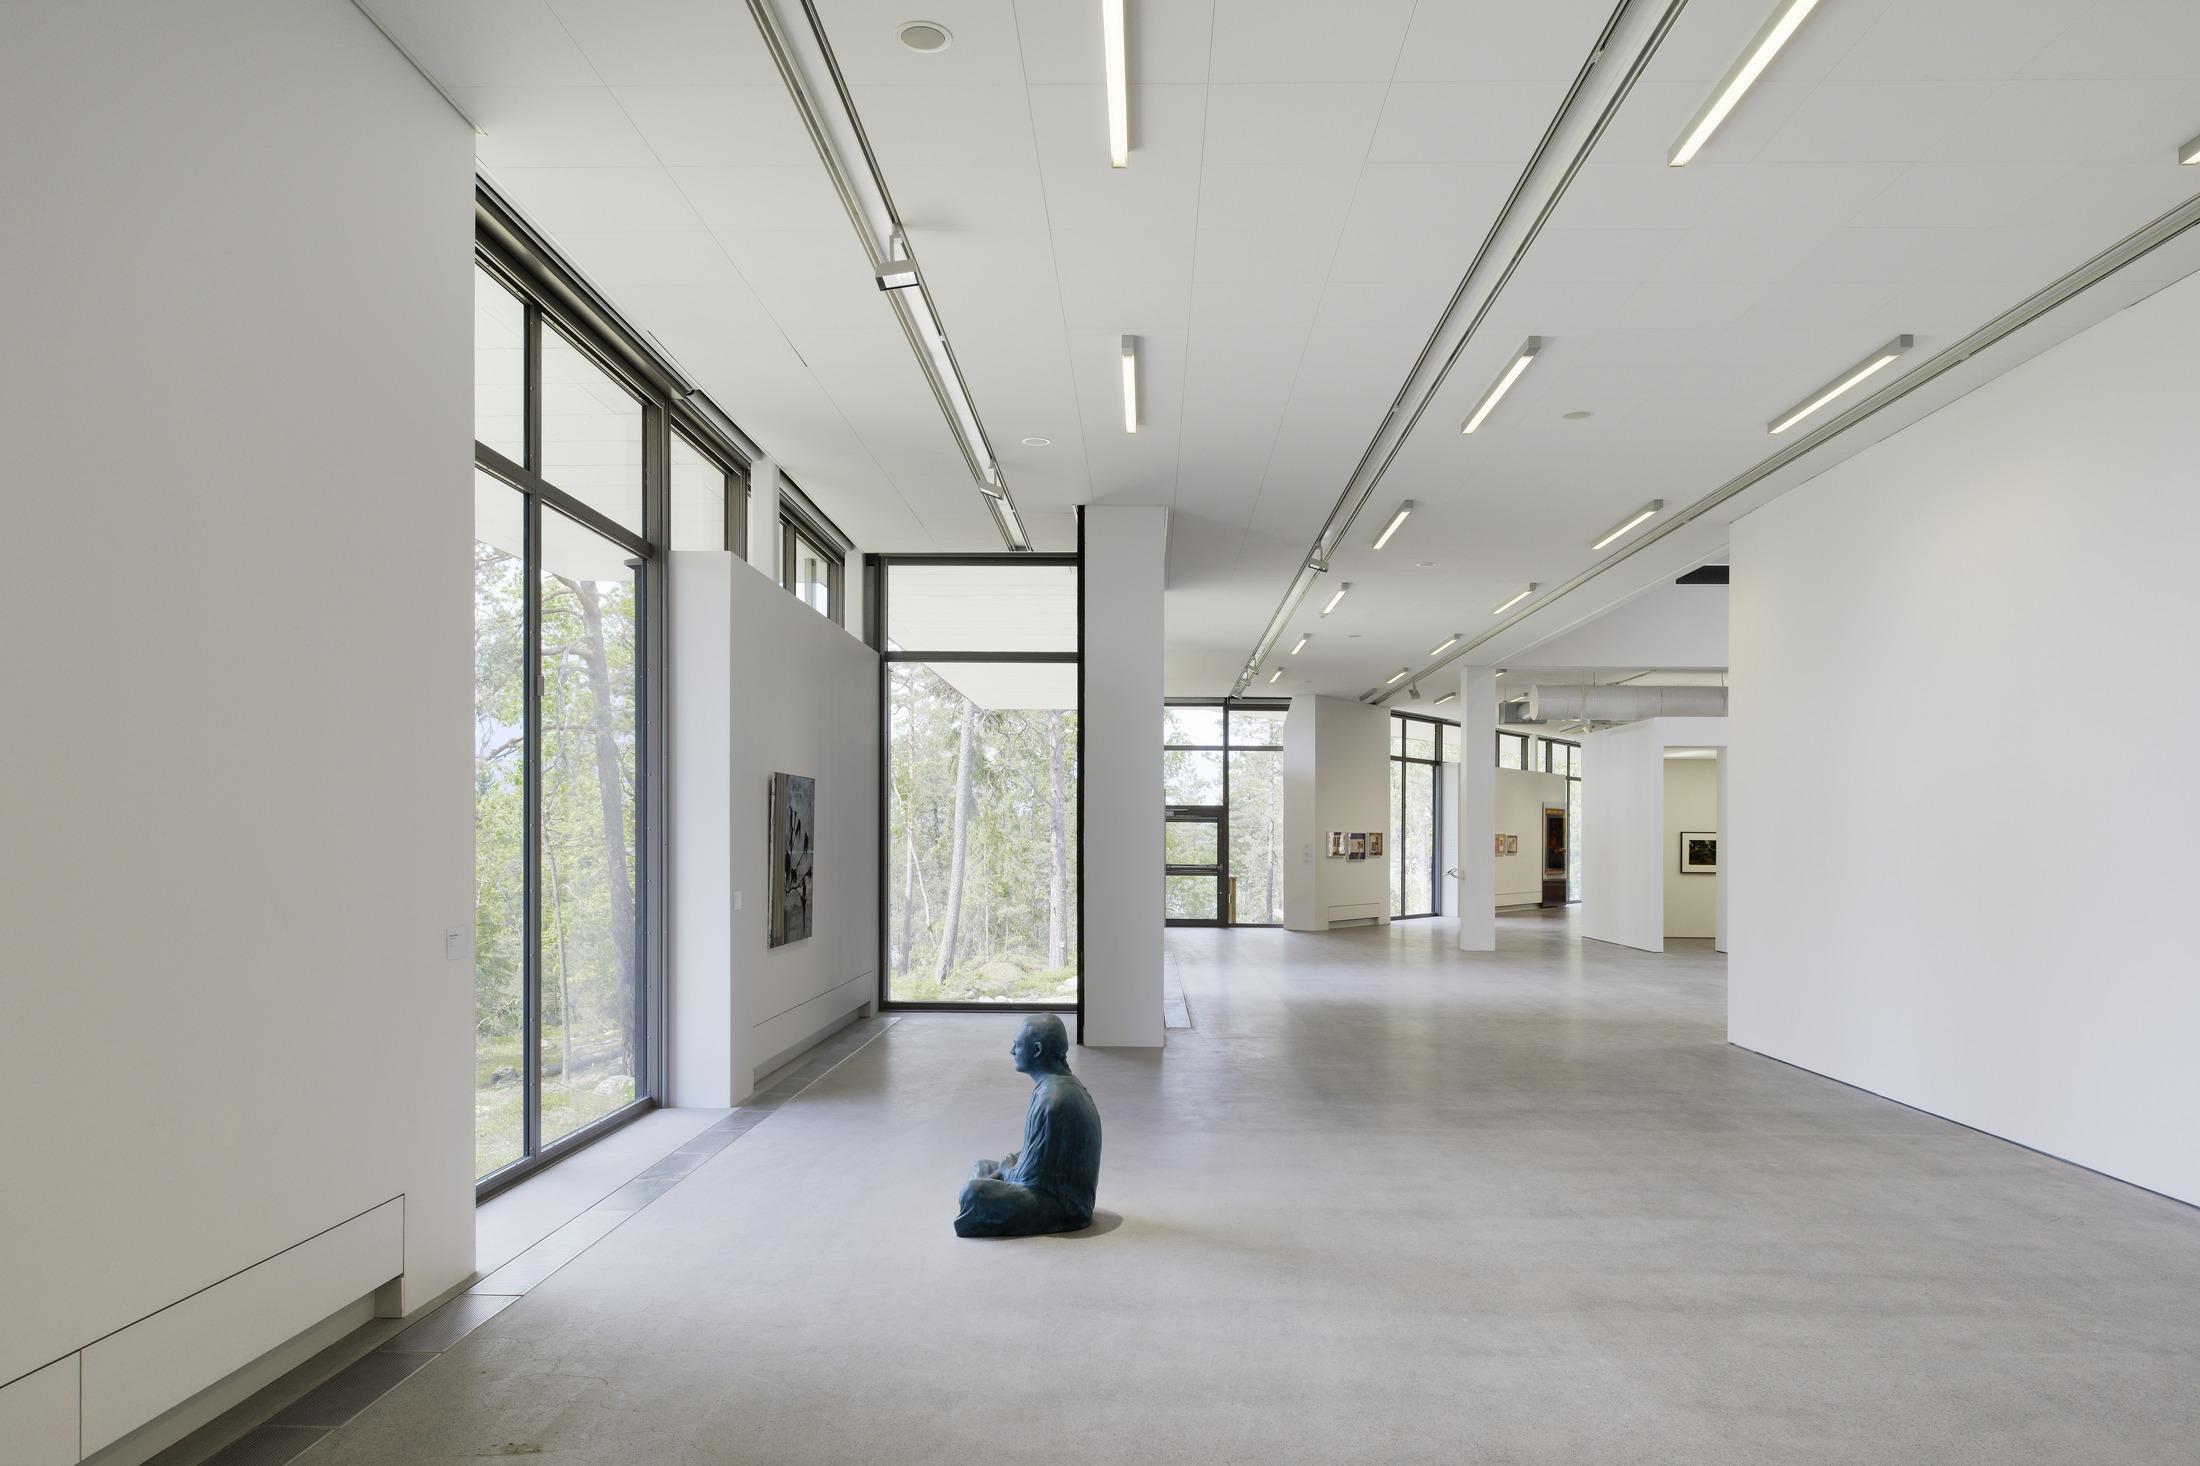 Utställningslokal i konsthallen Artipelag. Vita väggar, stora fönster.